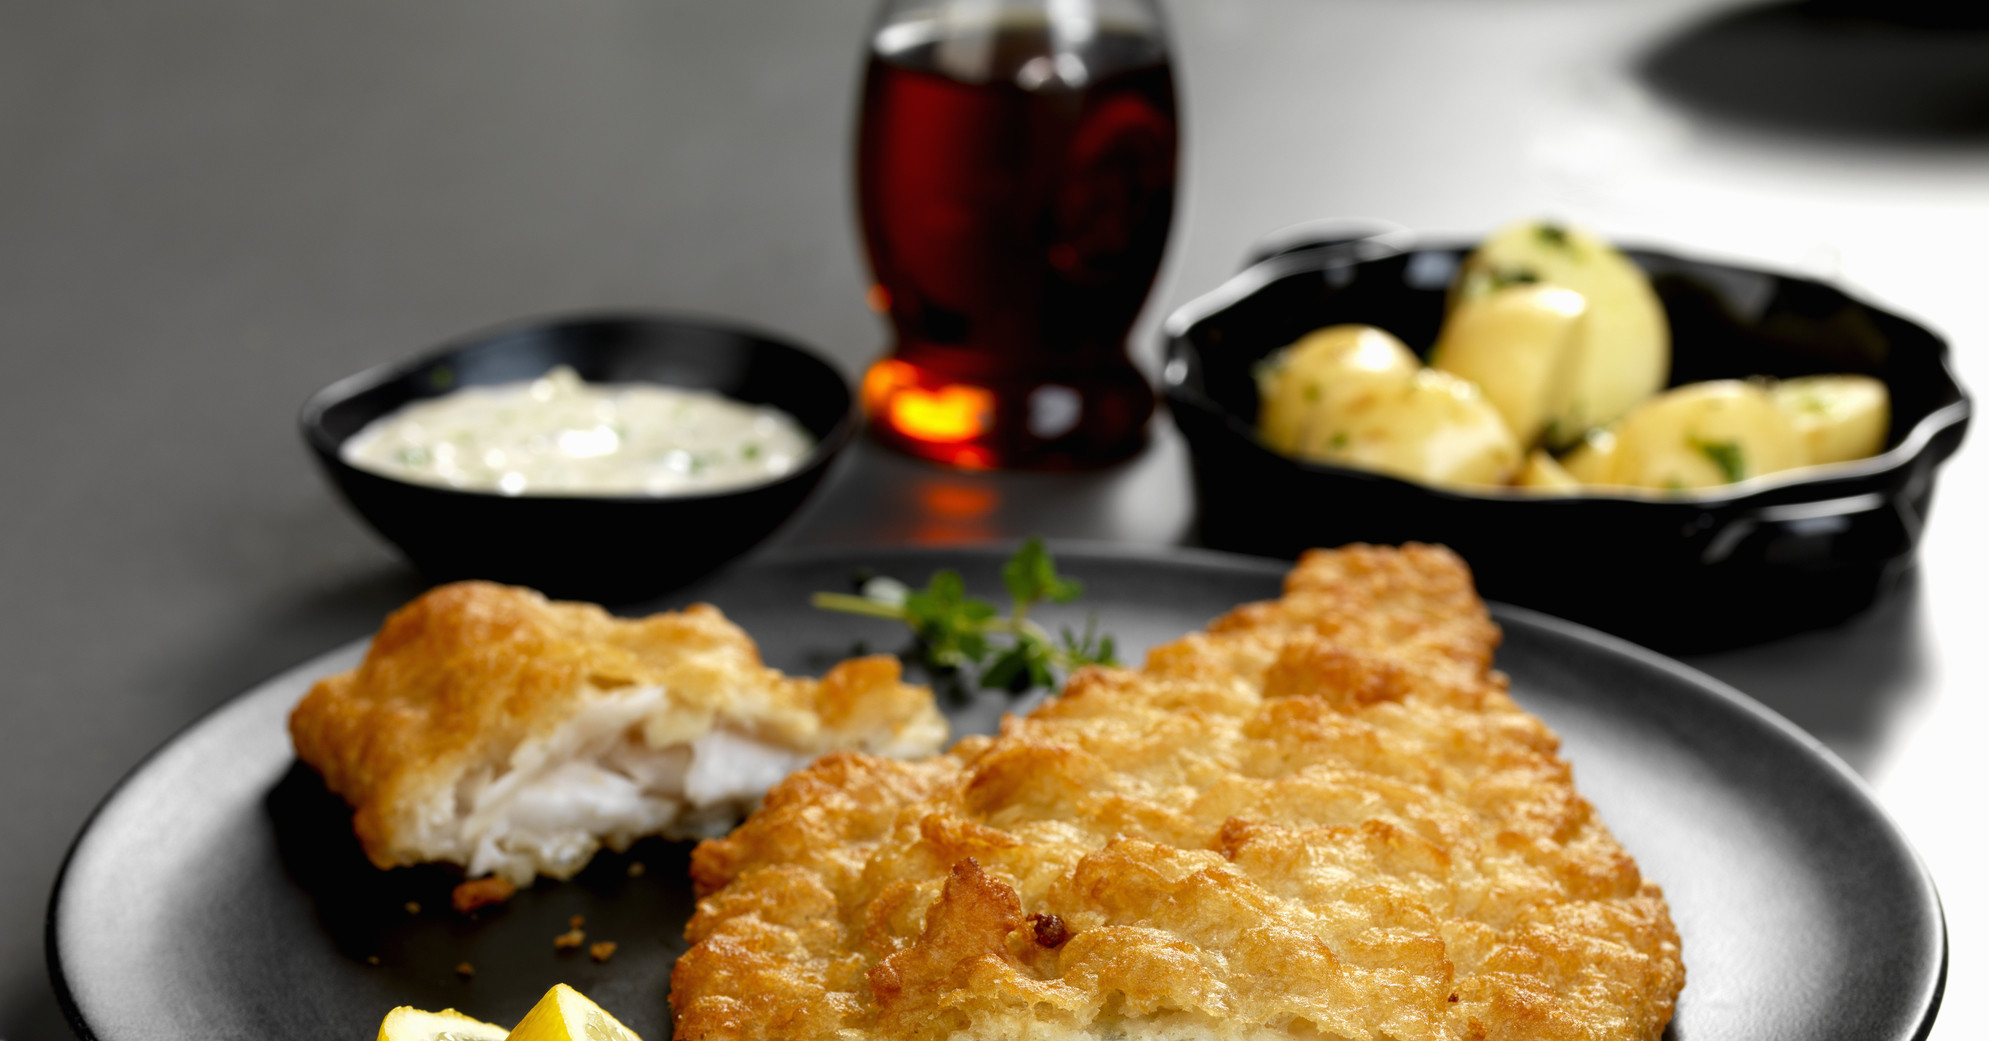 Морской окунь жареный на сковороде фото рецепт пошаговый